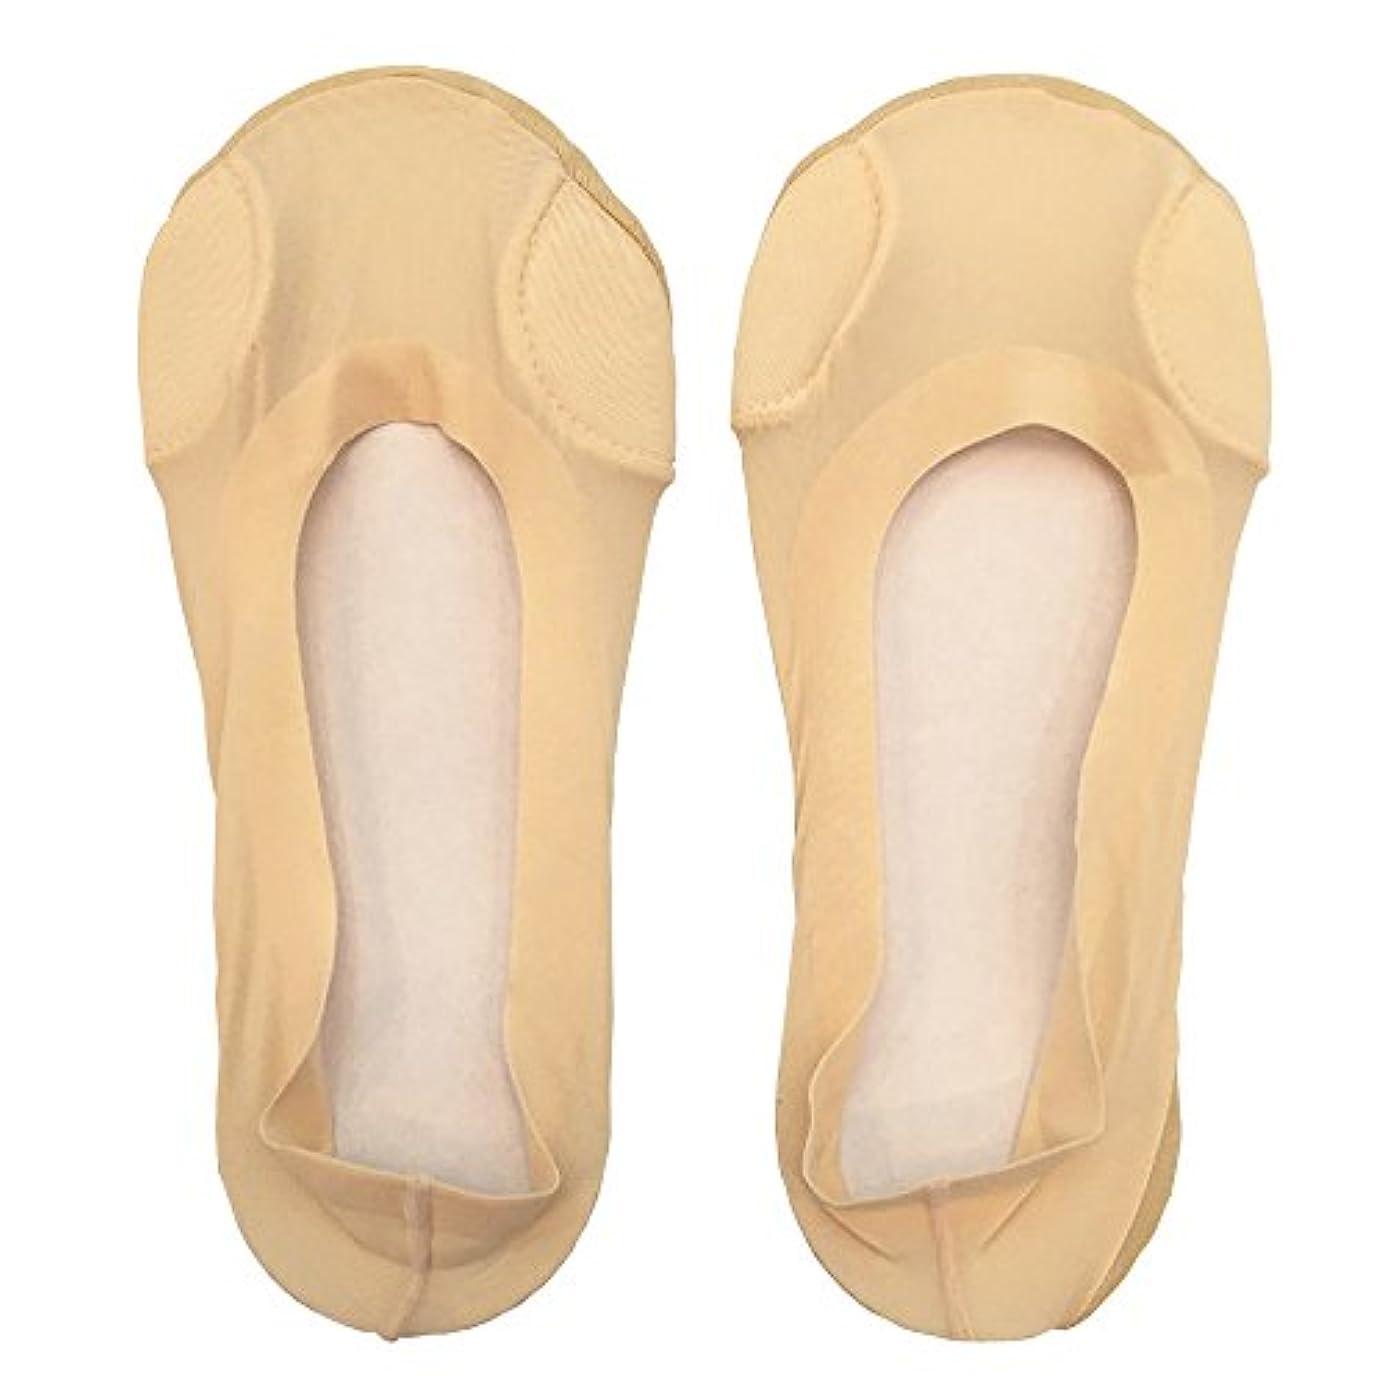 神秘歌詞起きろDrScholl(ドクターショール)靴ずれ防止フットカバー 指両側クッション付き 8805DR-80 ベージュ